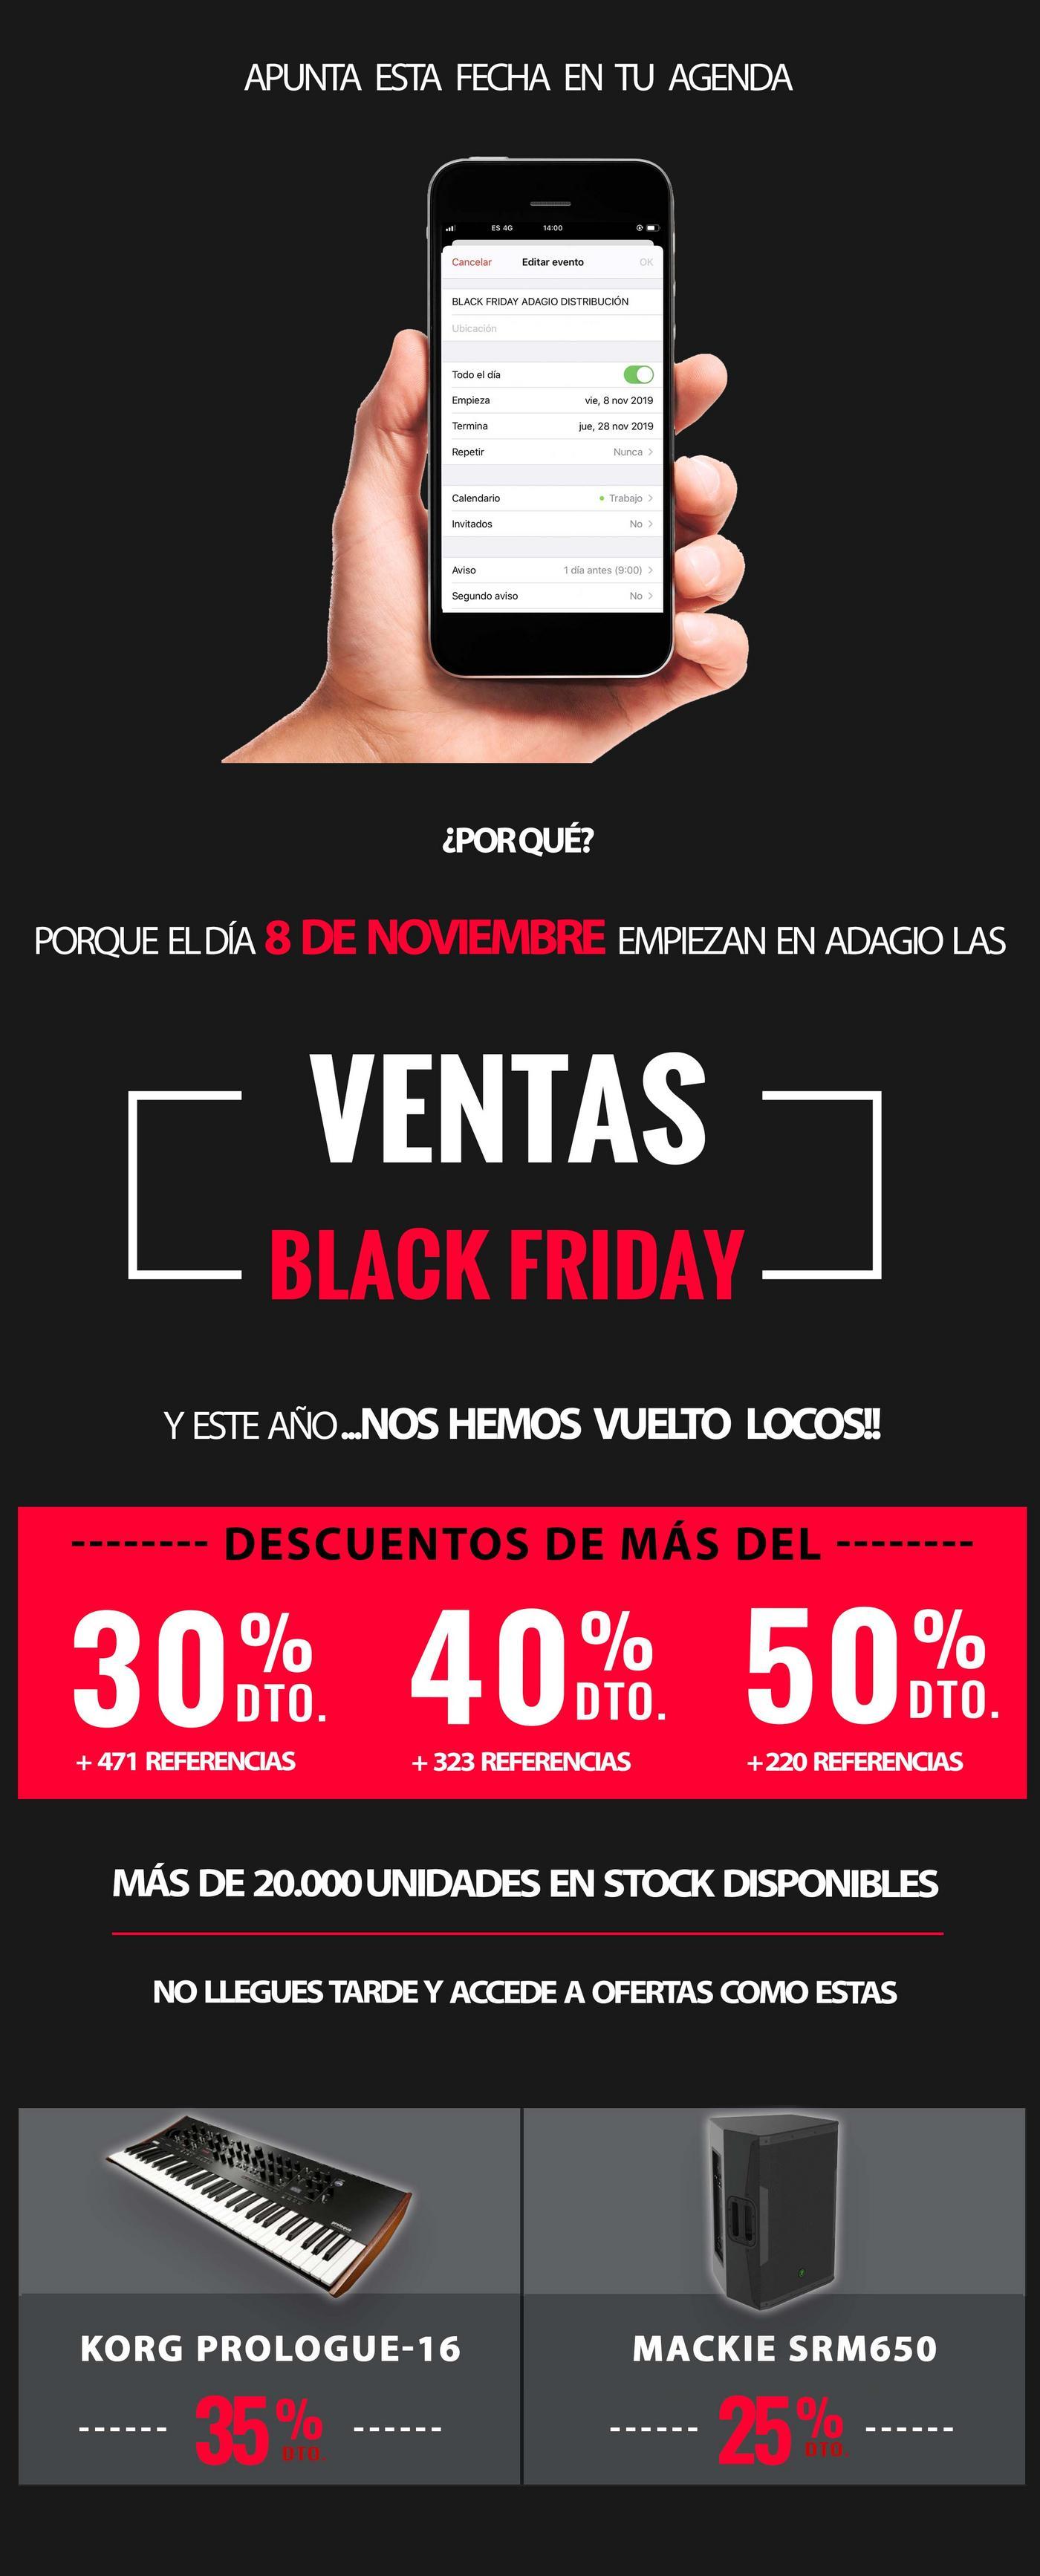 CAMPAÑA BLACK FRIDAY 25% DE DESCUENTO EN MILES DE PRODUCTOS DE TODAS NUESTRAS MARCAS